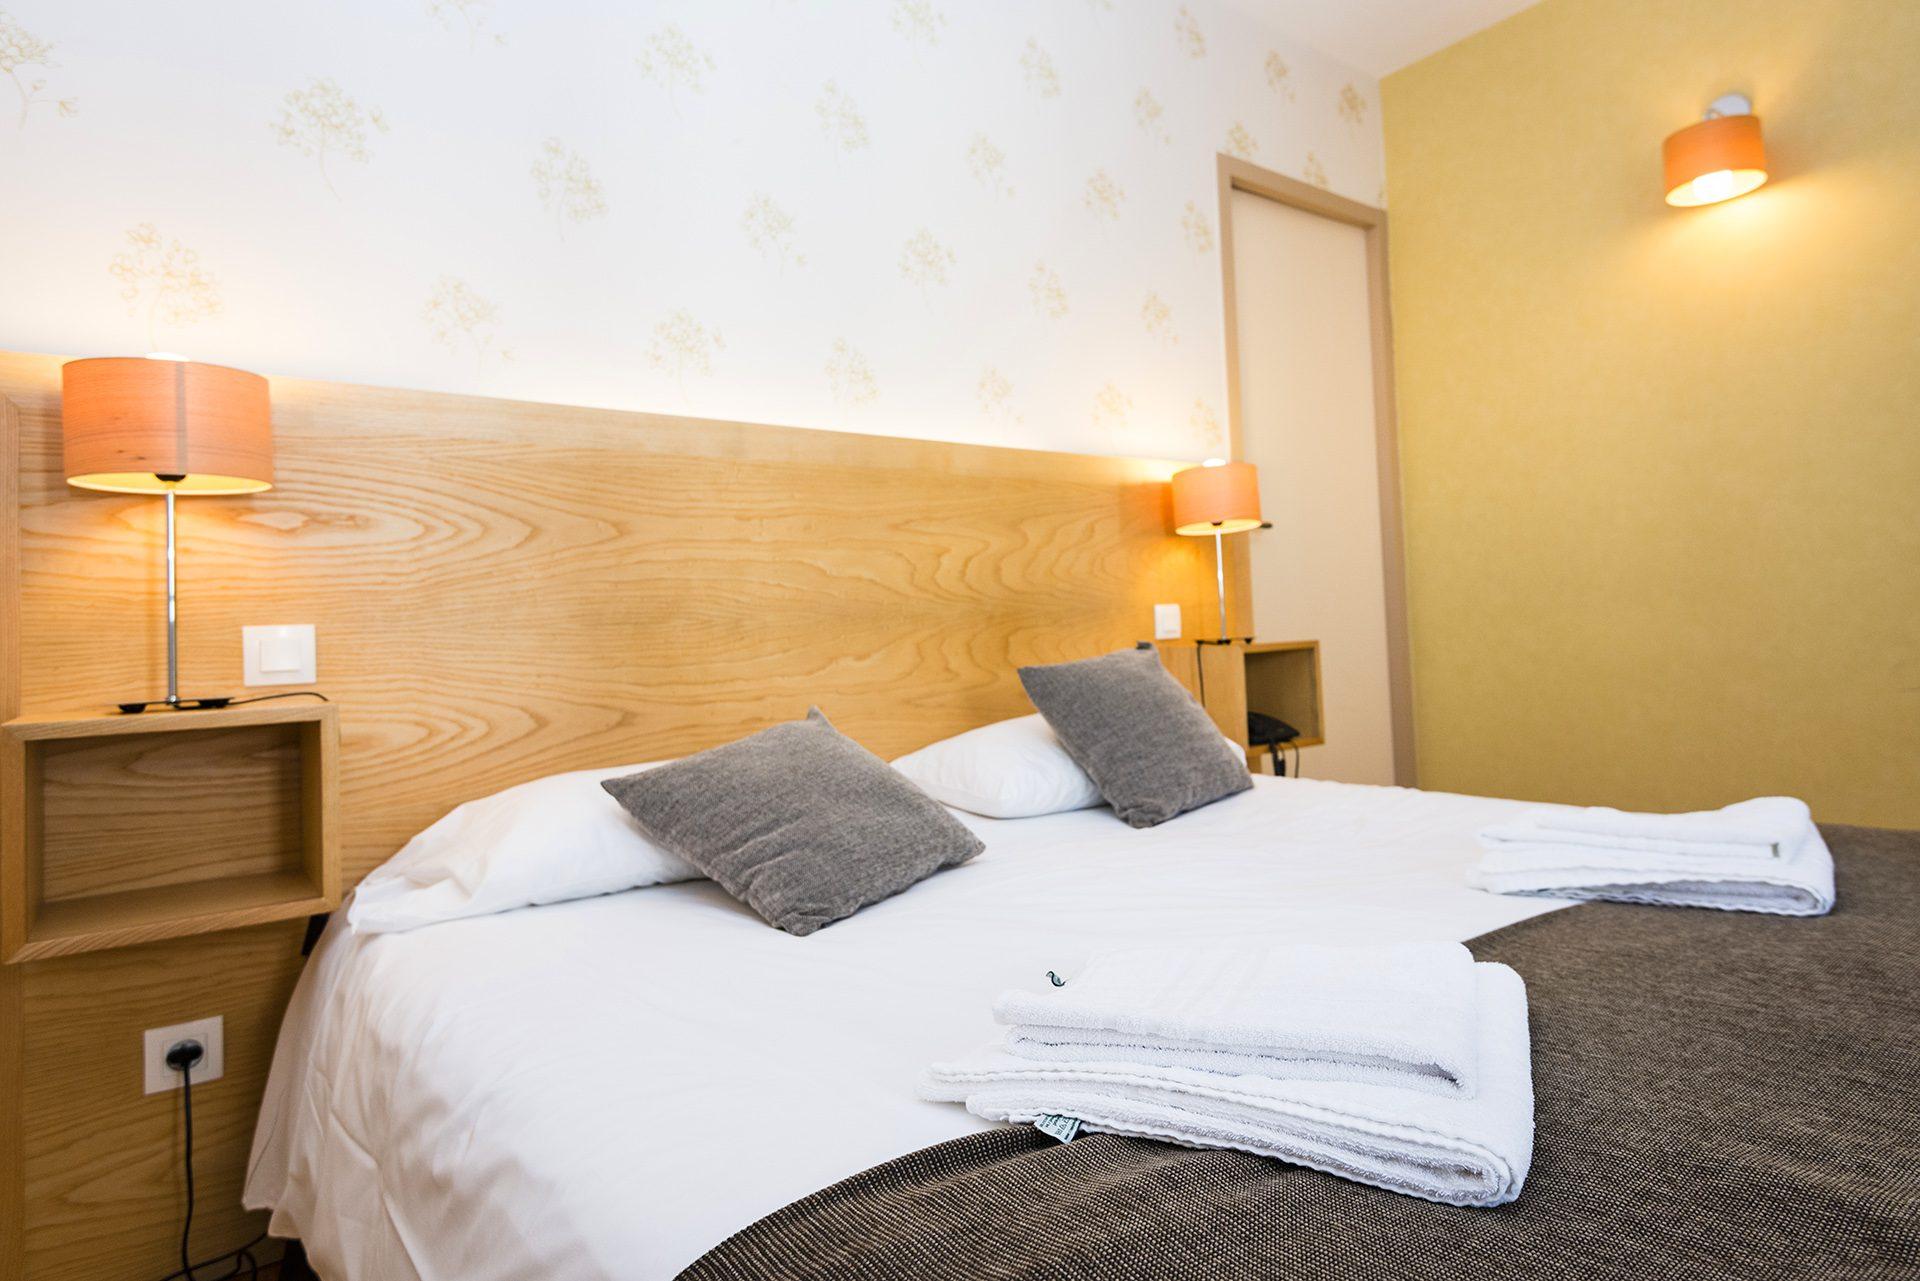 Tête de lit Chambre Prestige - Hôtel *** Le Chalet à Ax les Thermes en Ariège Pyrénées